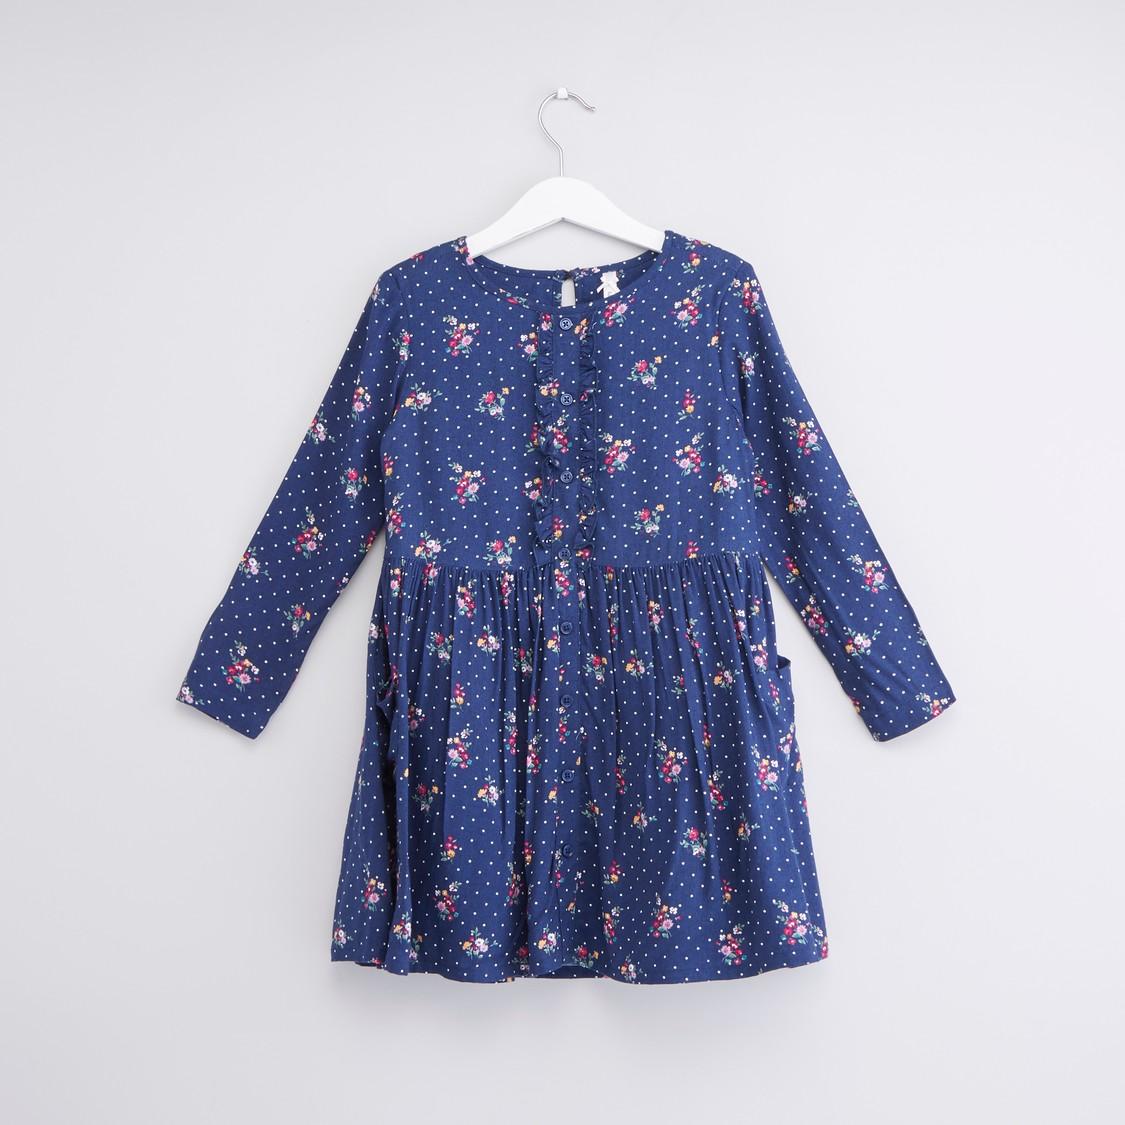 فستان بأكمام طويلة وتفاصيل كشكش وطبعات زهرية